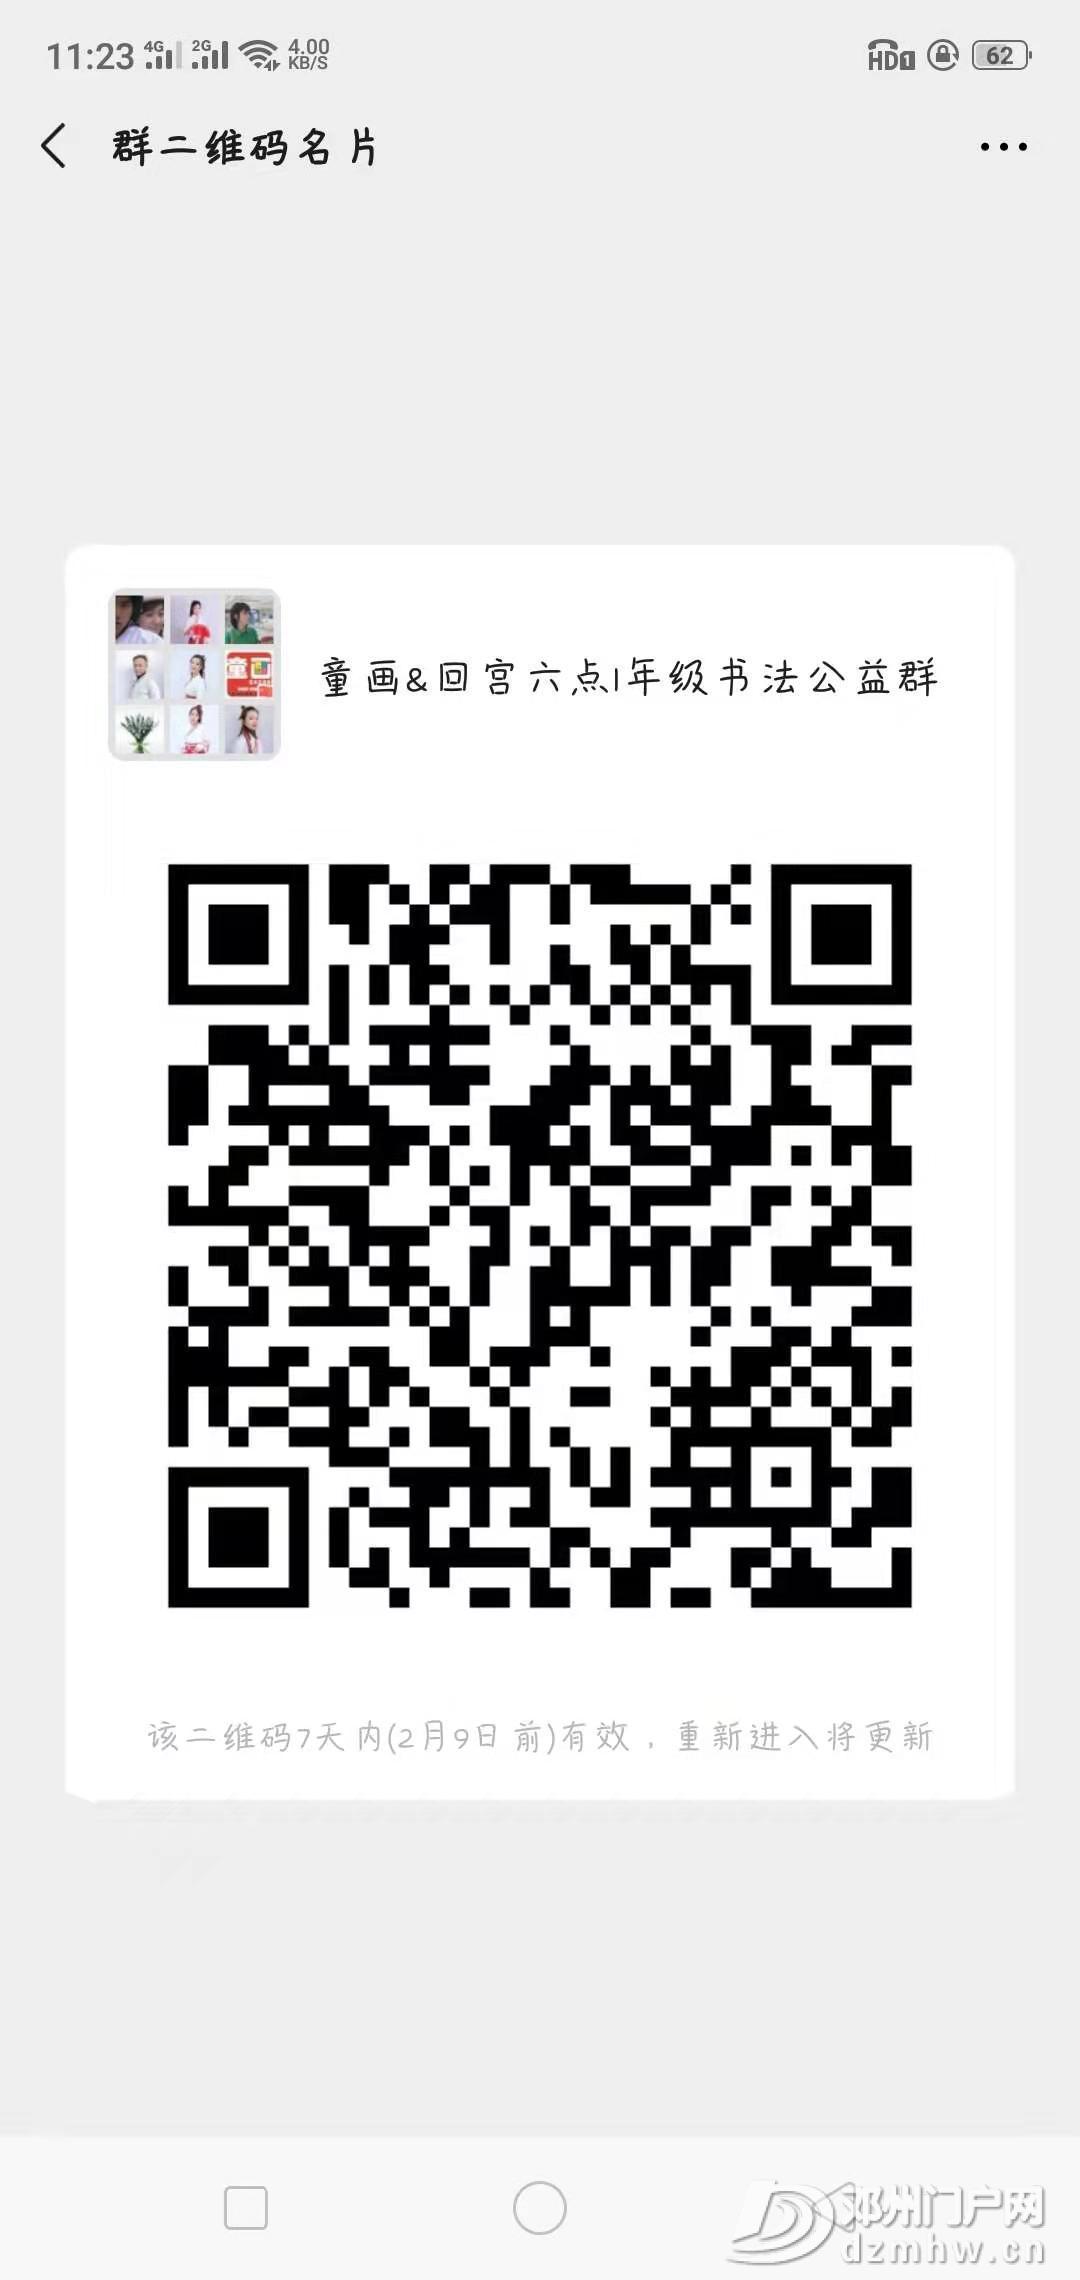 童画线上公益活动课 - 邓州门户网|邓州网 - 11.jpg